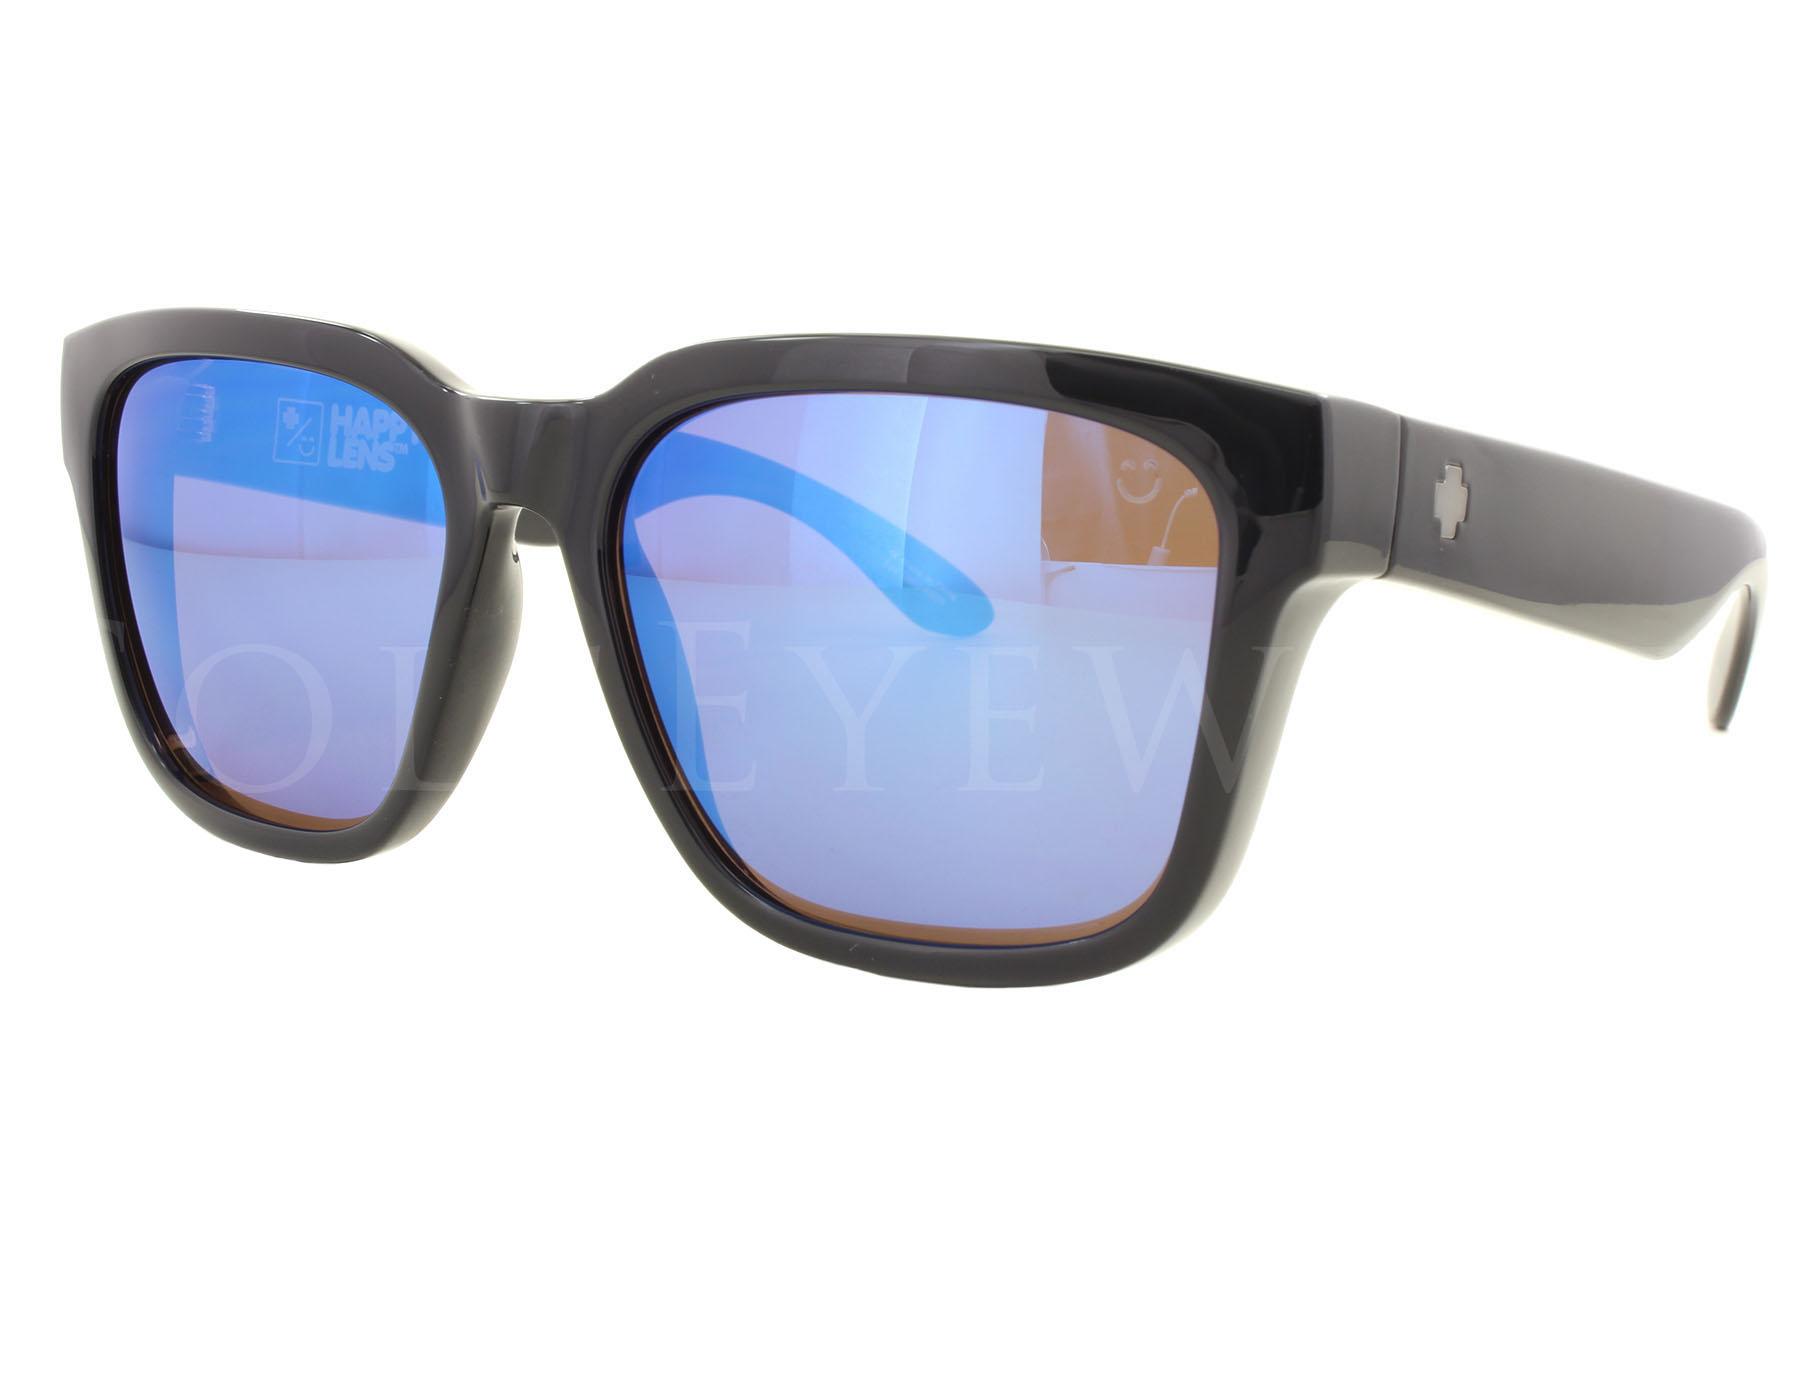 dcc795a2901 Details about NEW SPY OPTICS Bowie Black Happy Bronze Polarized Blue  673247038280 Sunglasses